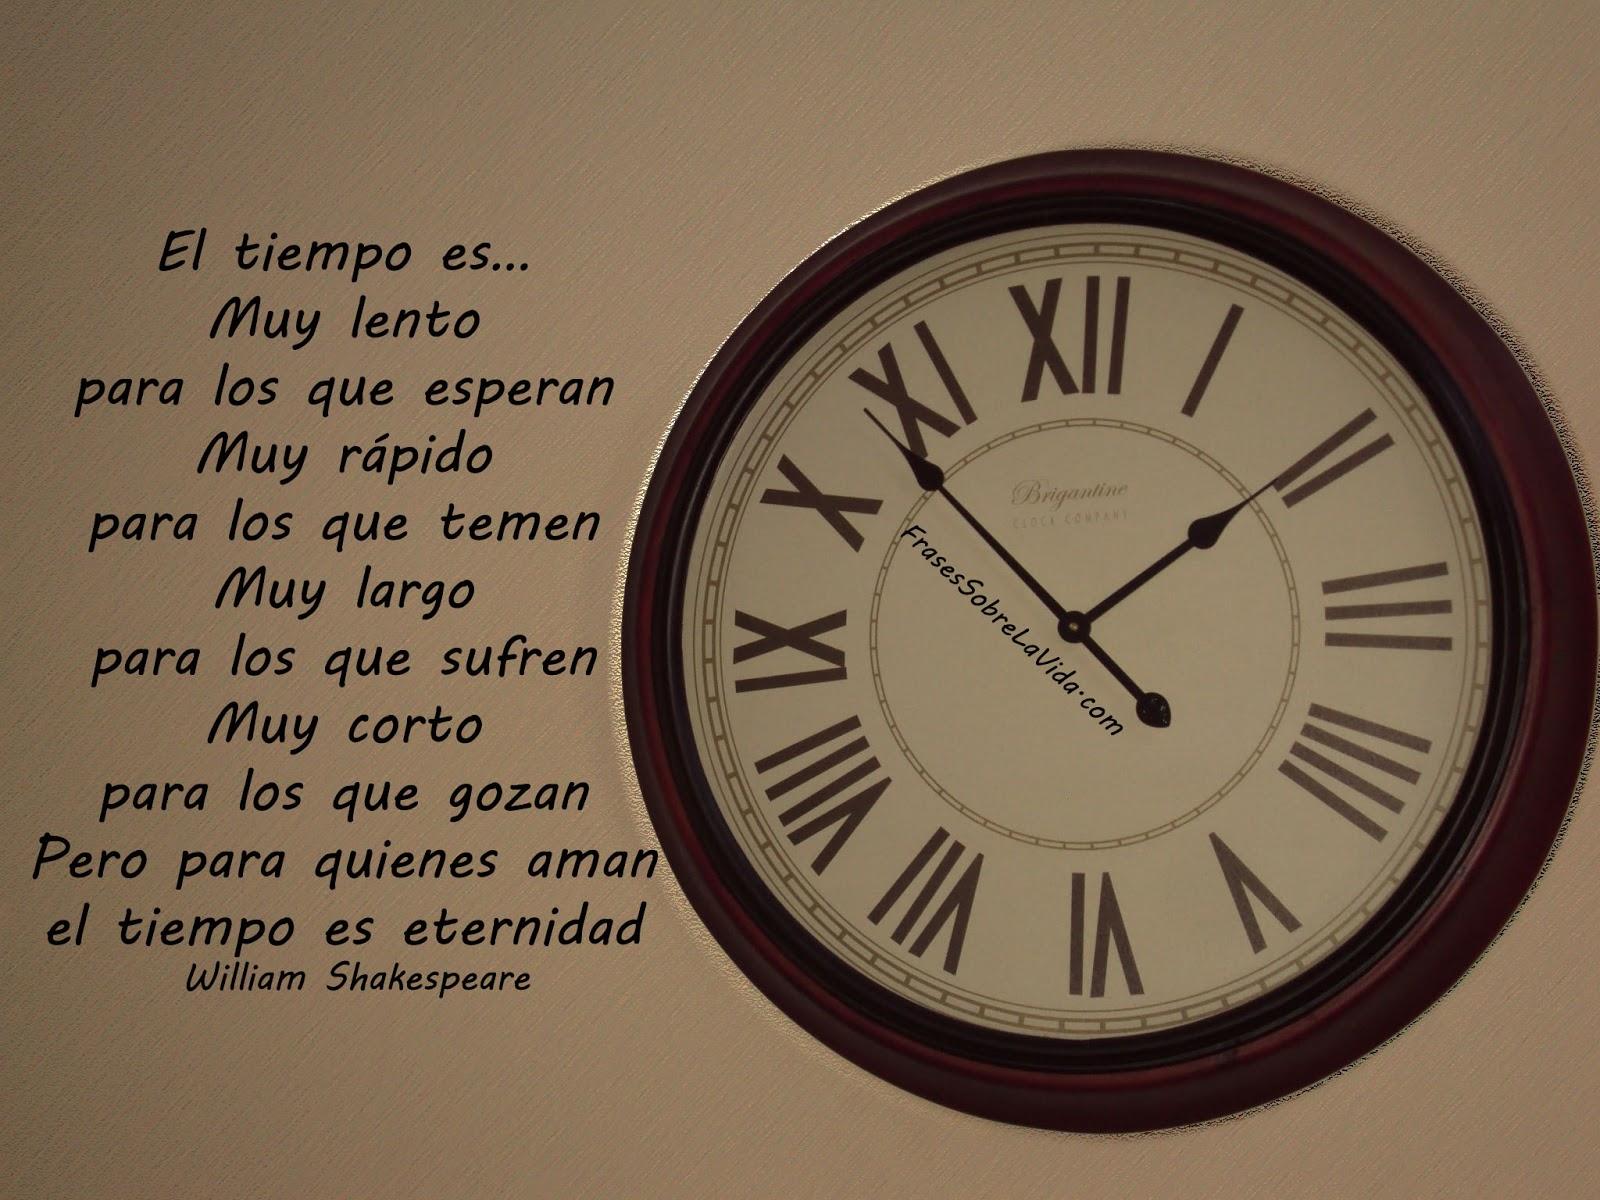 Las mejores frases para publicar en fb junio 2013 - El tiempo en l arboc ...